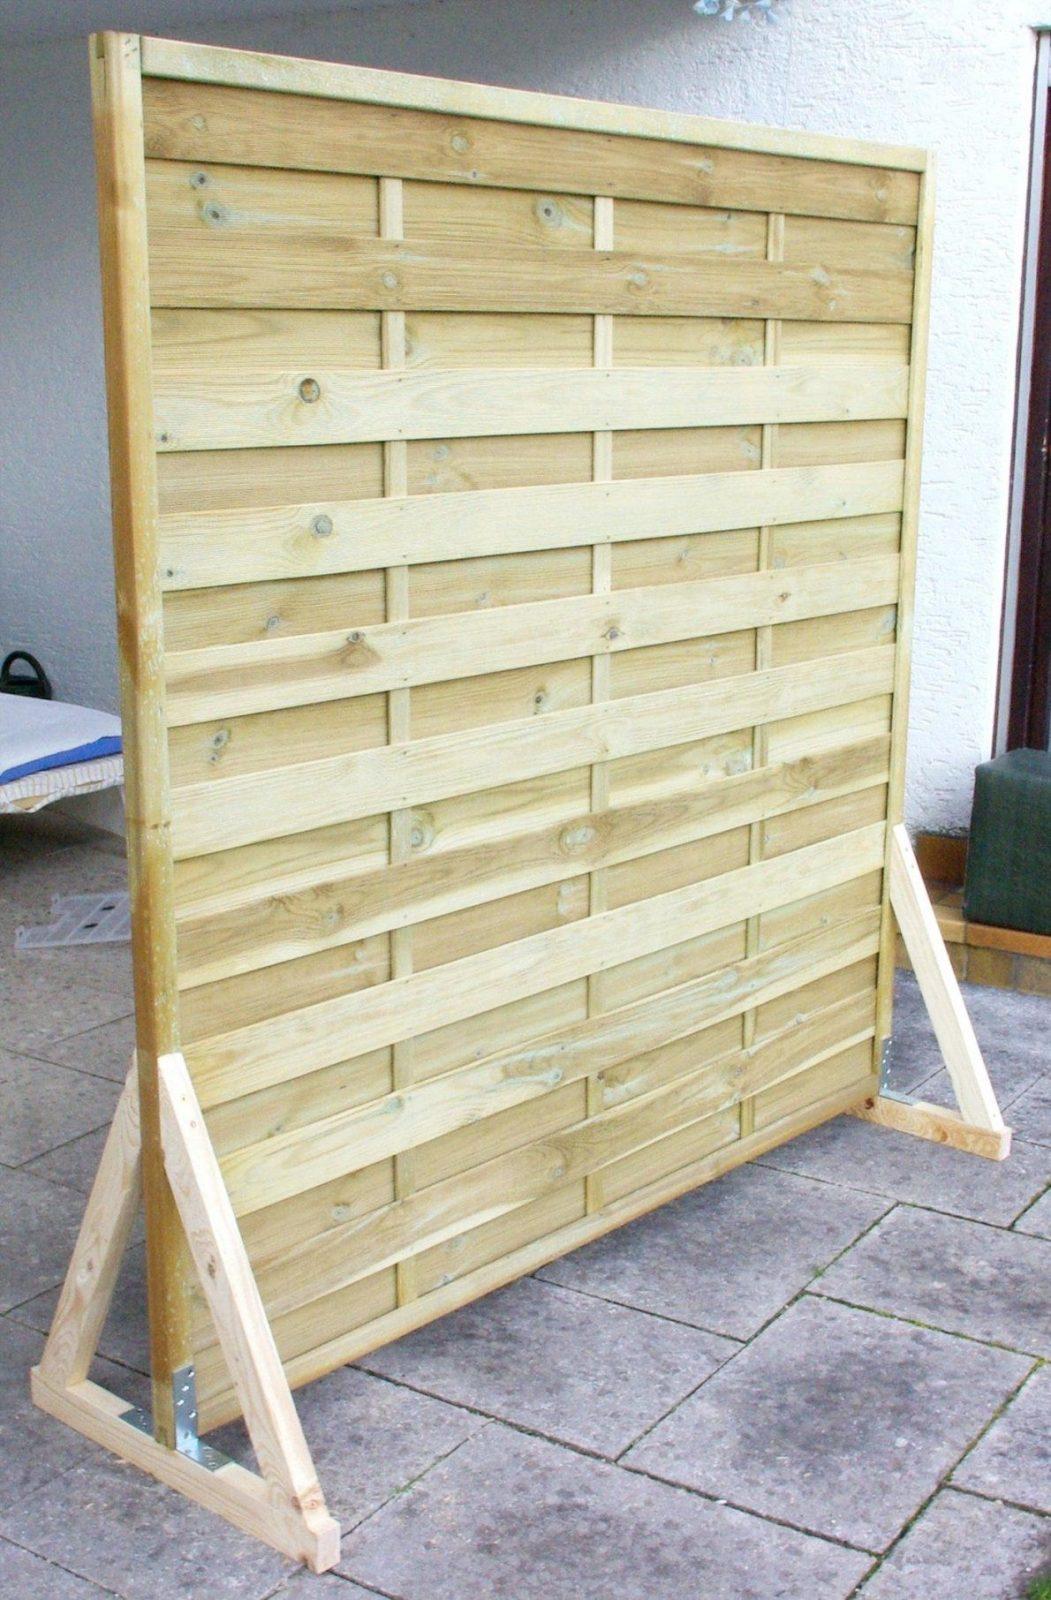 Sichtschutz Selber Machen Paravent Garten Balkon Bauen Anleitung Diy von Sichtschutz Selber Bauen Holz Photo